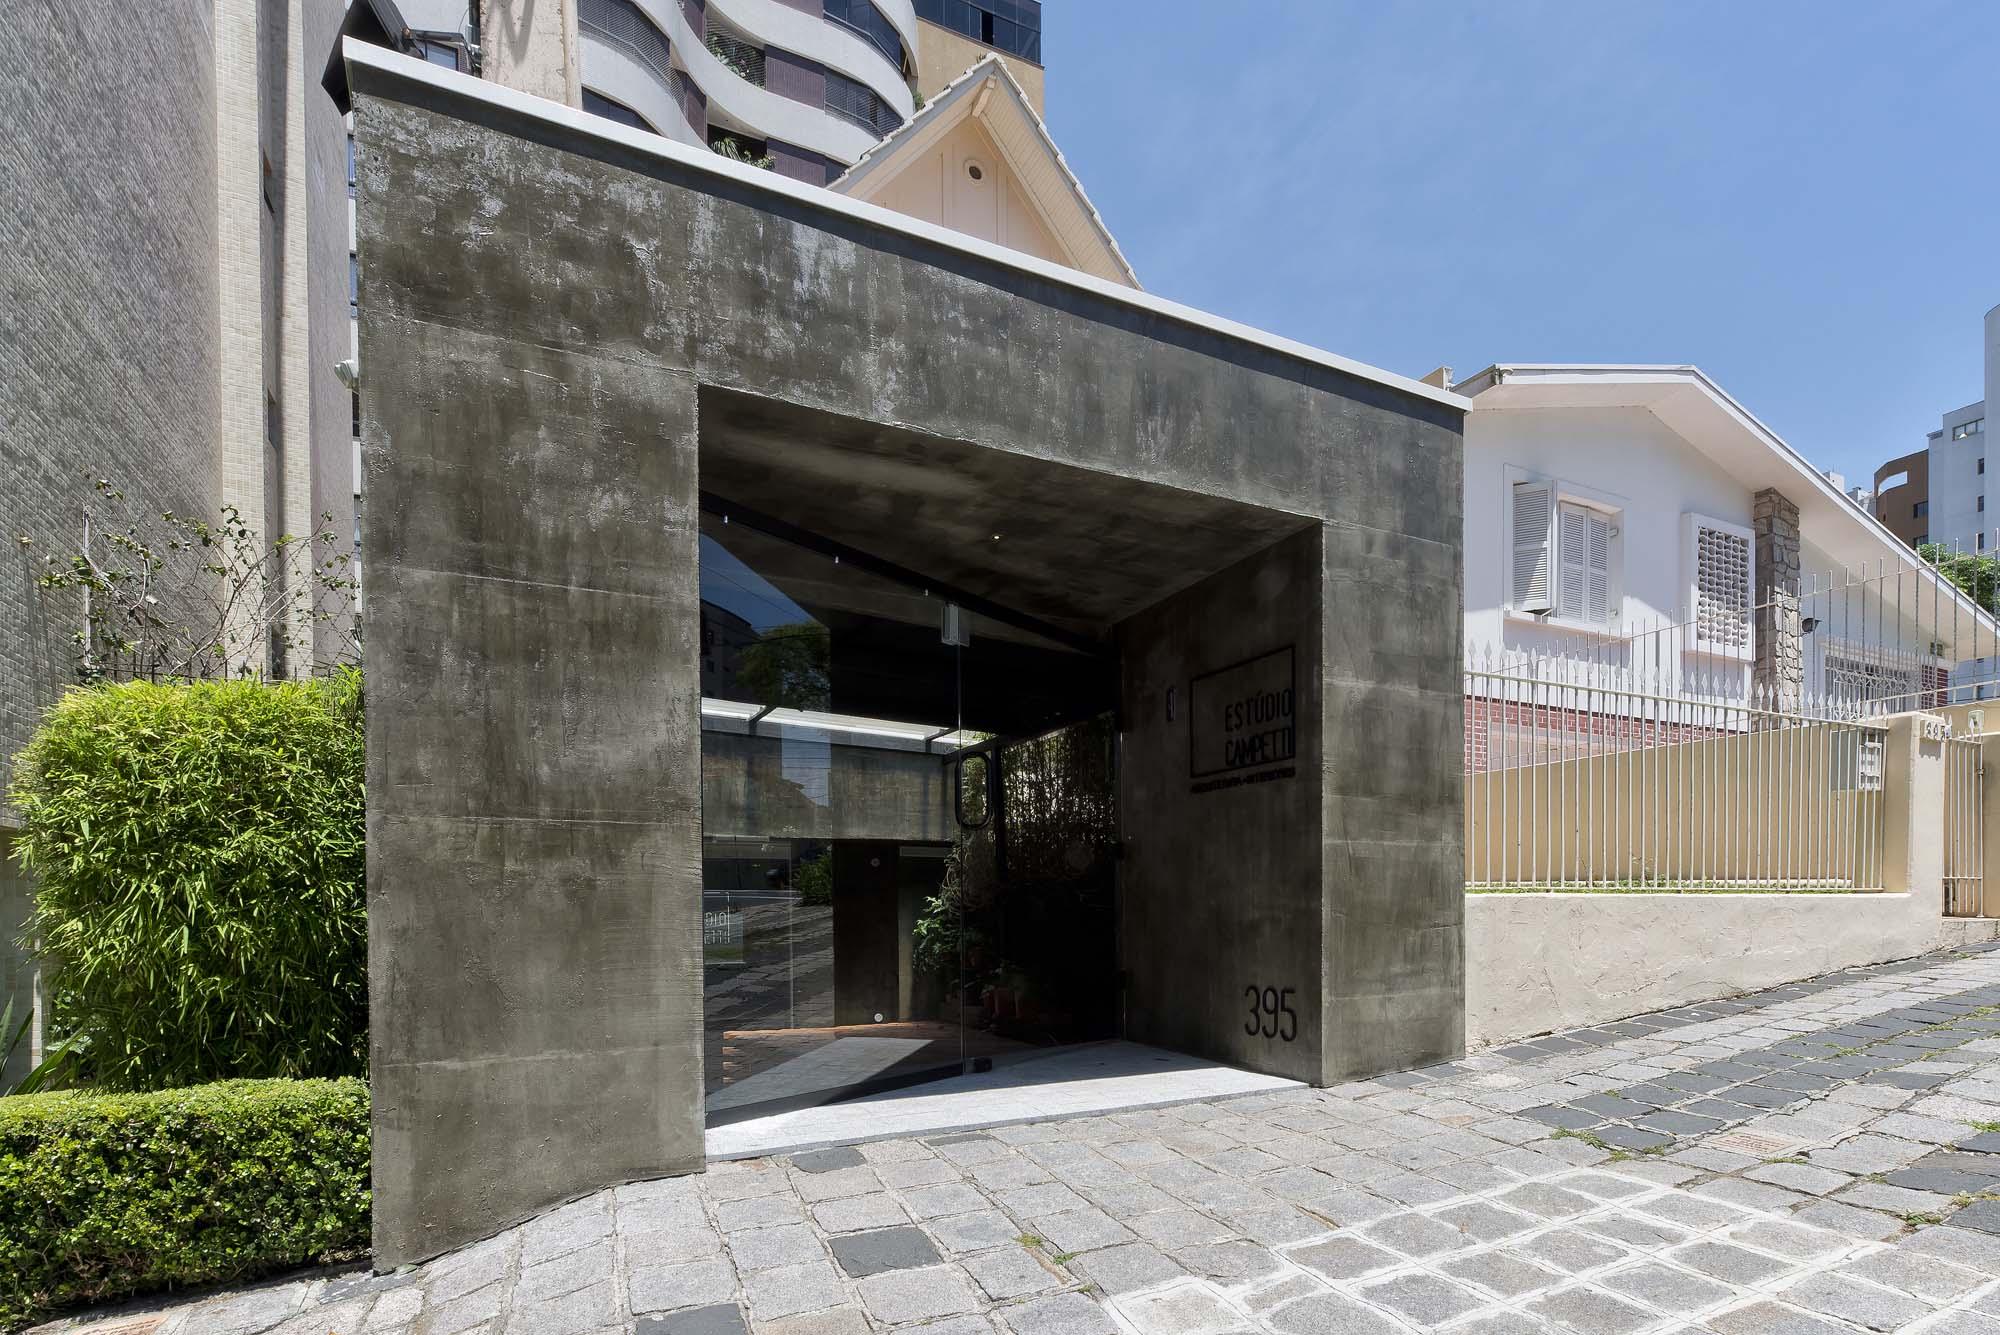 Fachada recebeu acabamento em cimento diferenciando-se da linguagem da antiga casa.